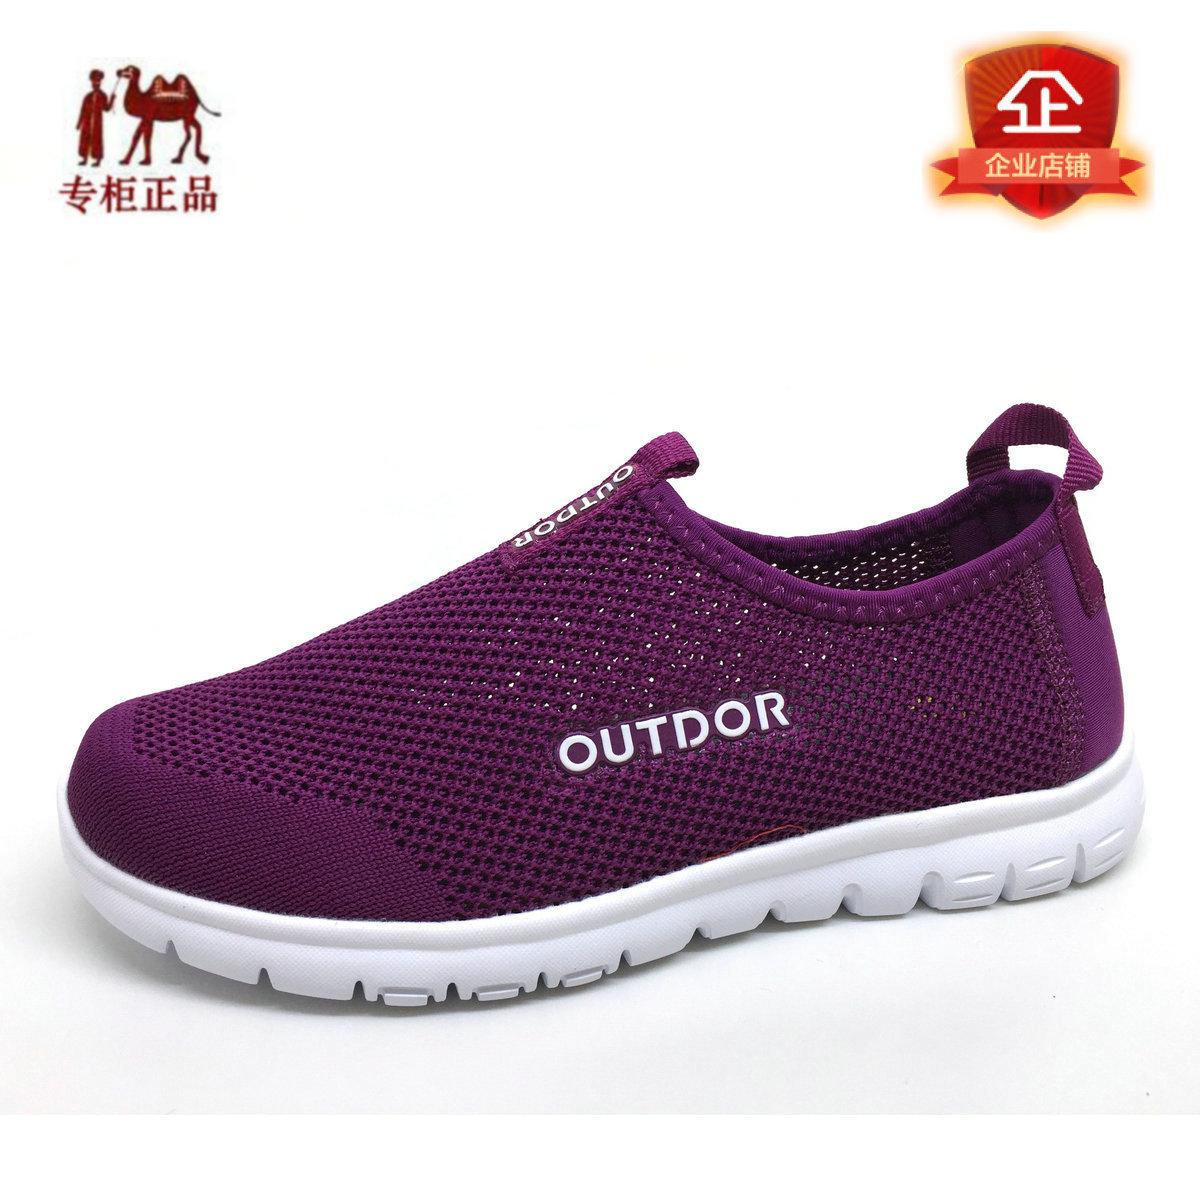 夏季新款骆驼户外网面鞋镂空透气休闲运动女鞋超轻耐磨套脚徒步鞋